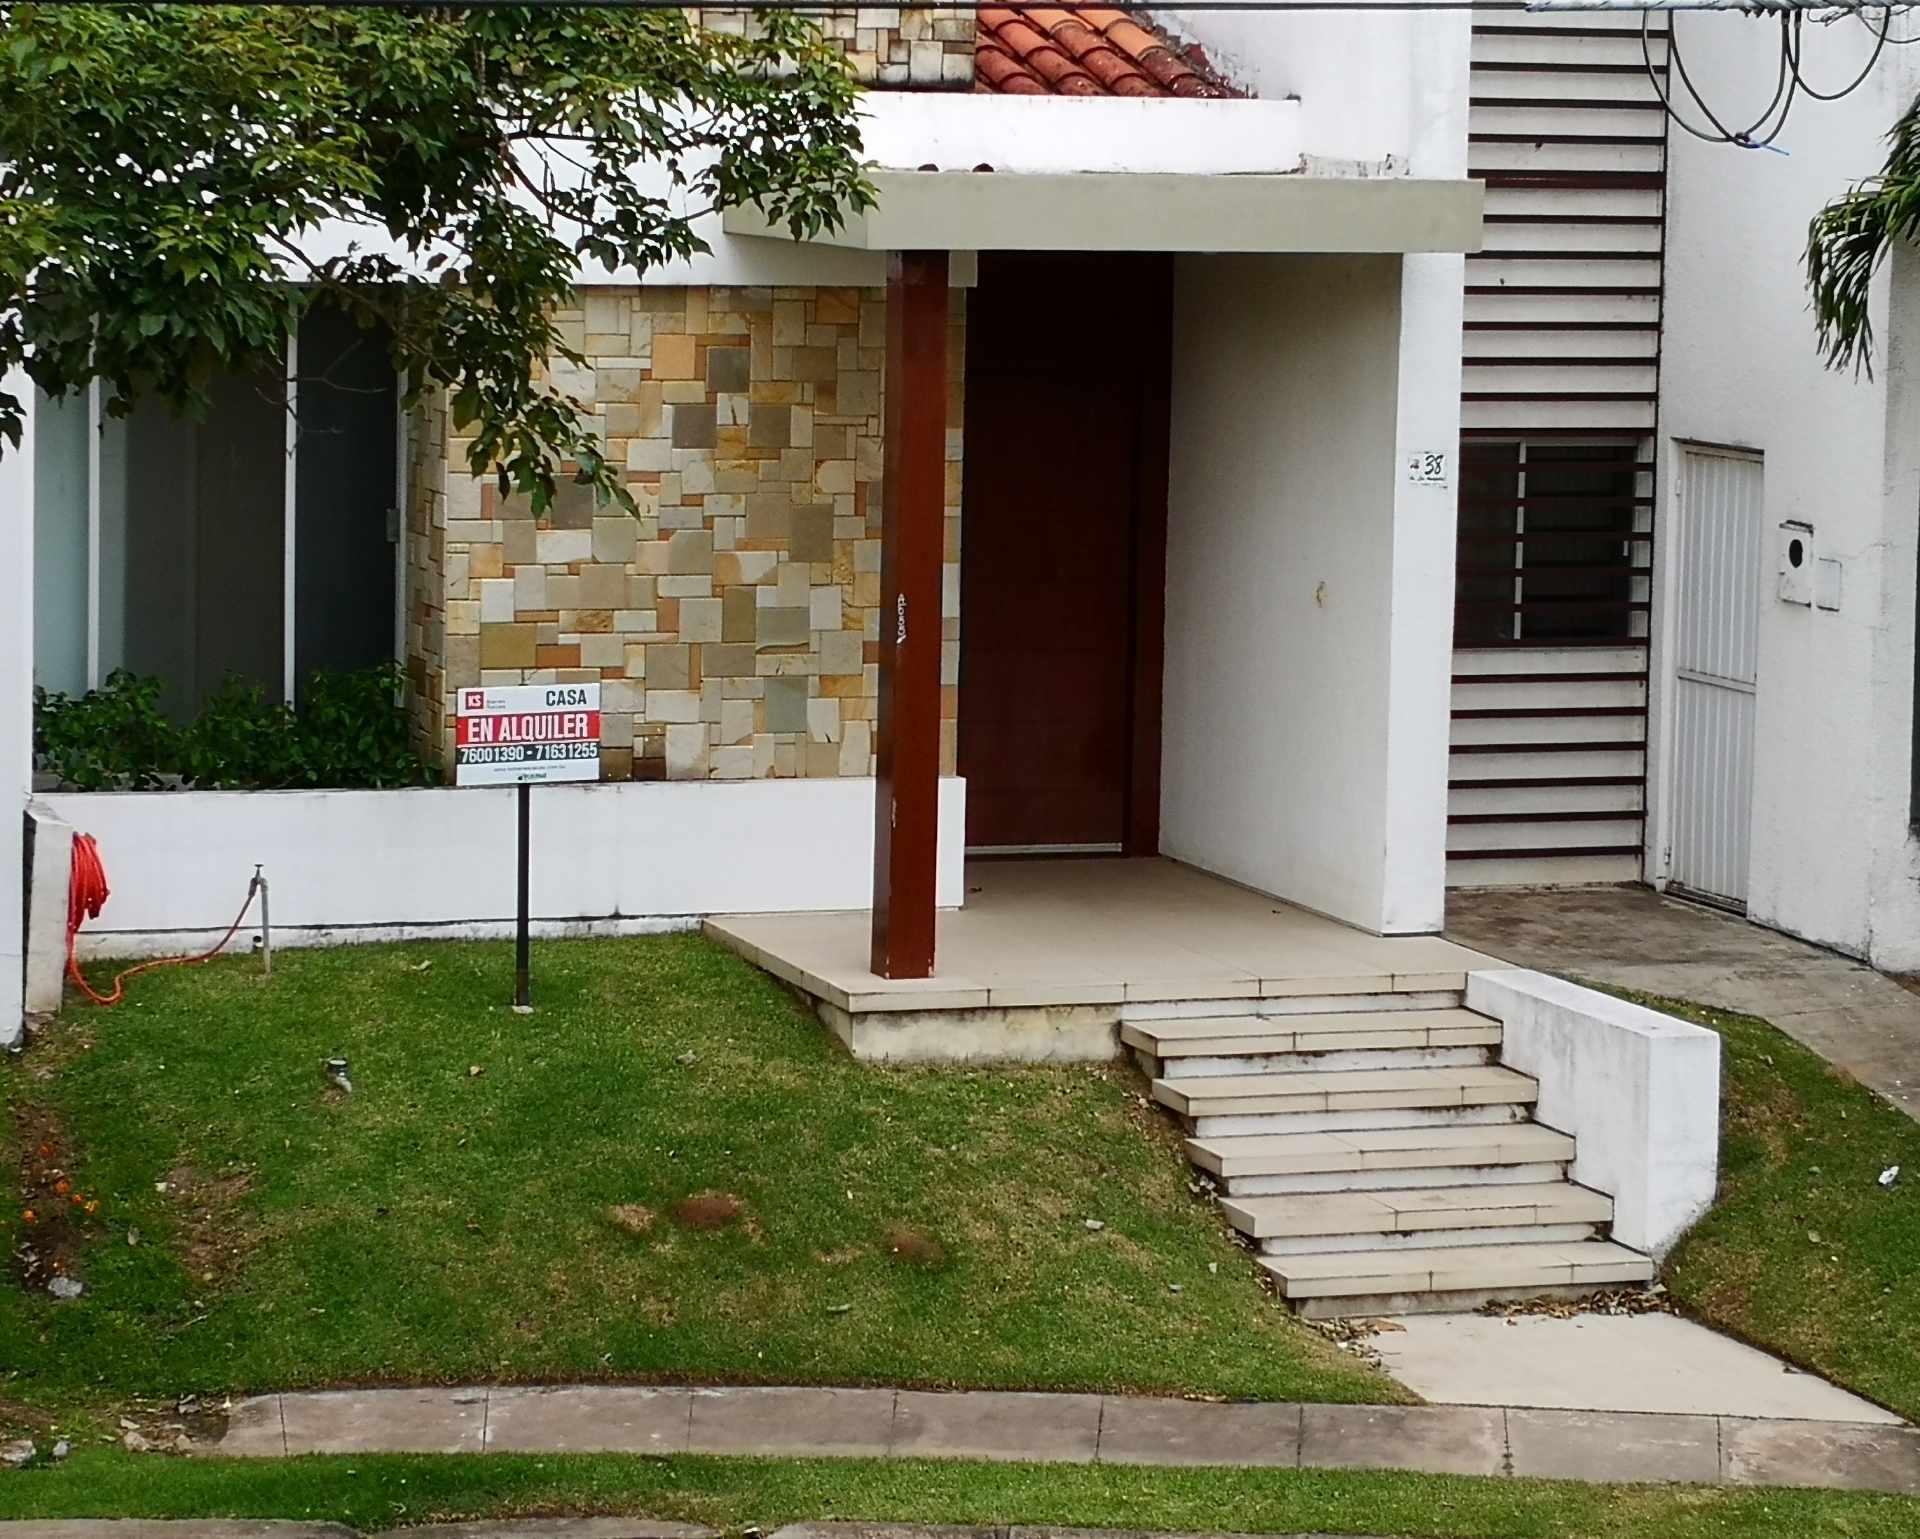 Casa en Alquiler Av. Banzer entre 5to y 6to anillo. Urbanización Ciudad Jardin Foto 1